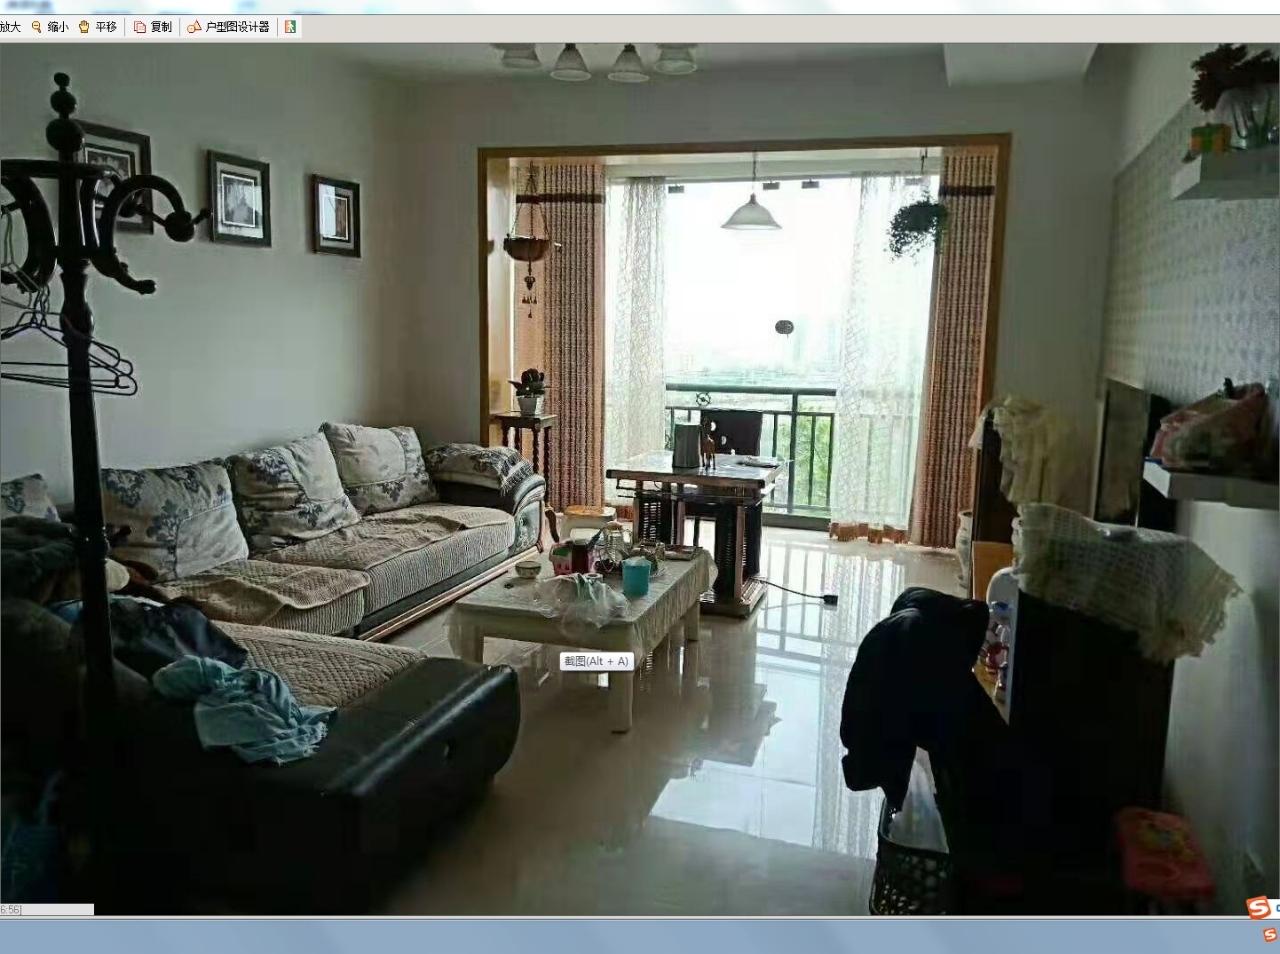 龙腾锦城3室 2厅 1卫68.9万元